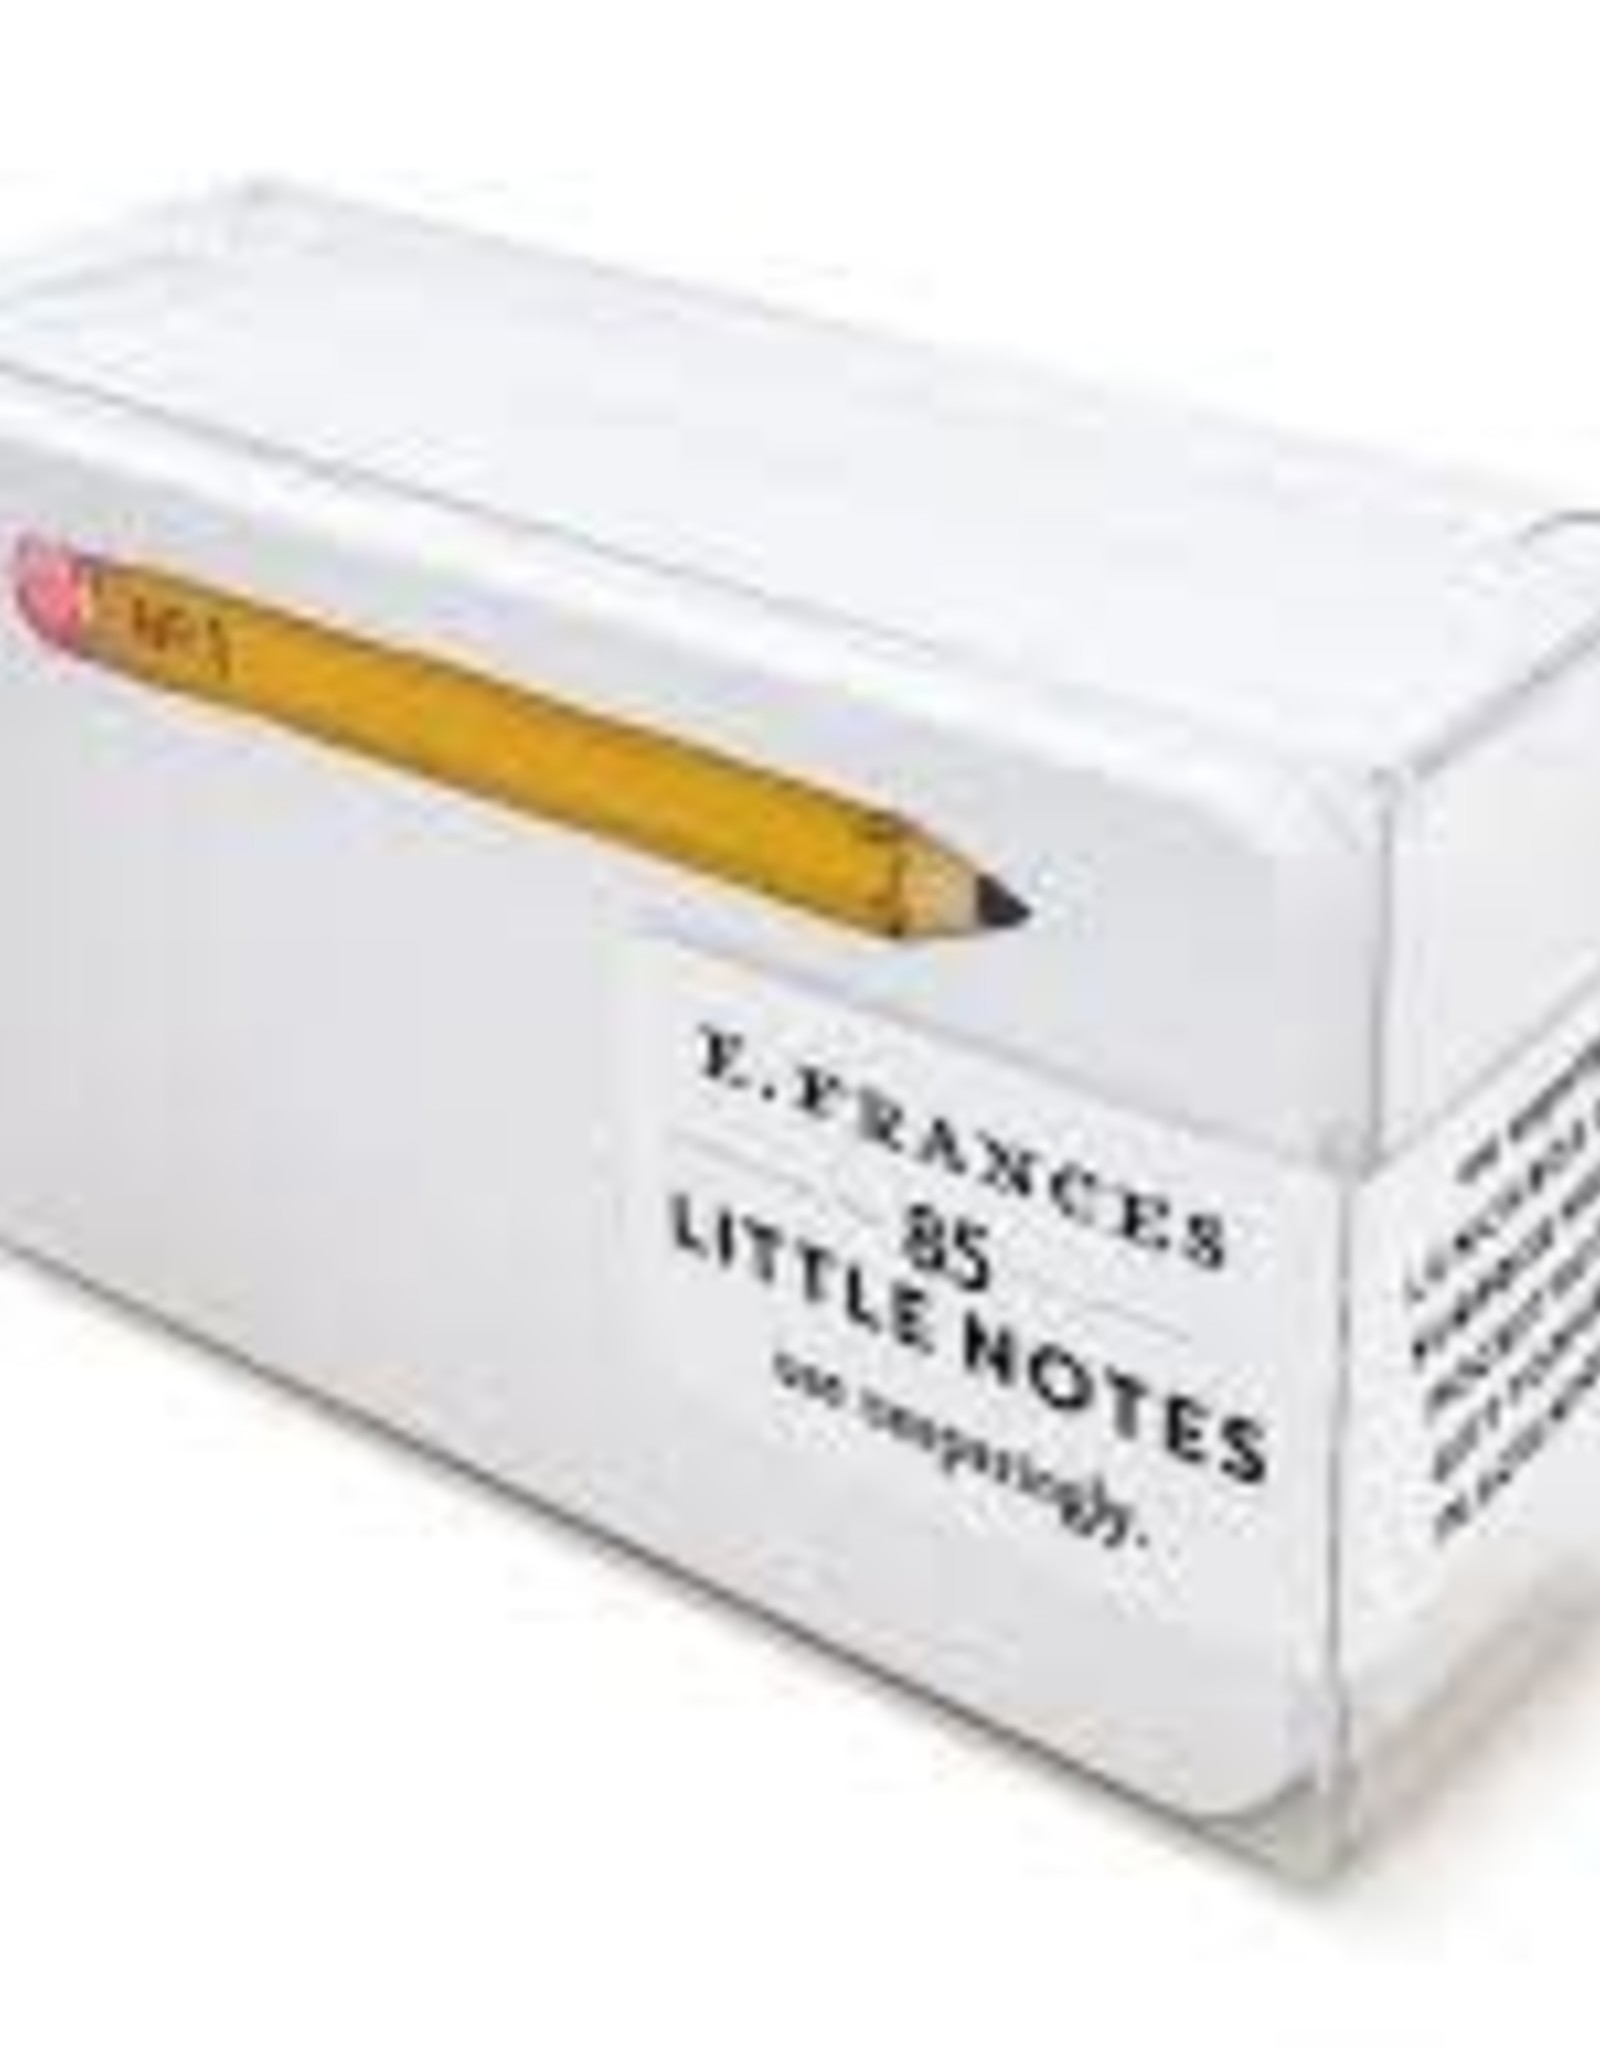 E. Frances Paper Pencil Little Notes